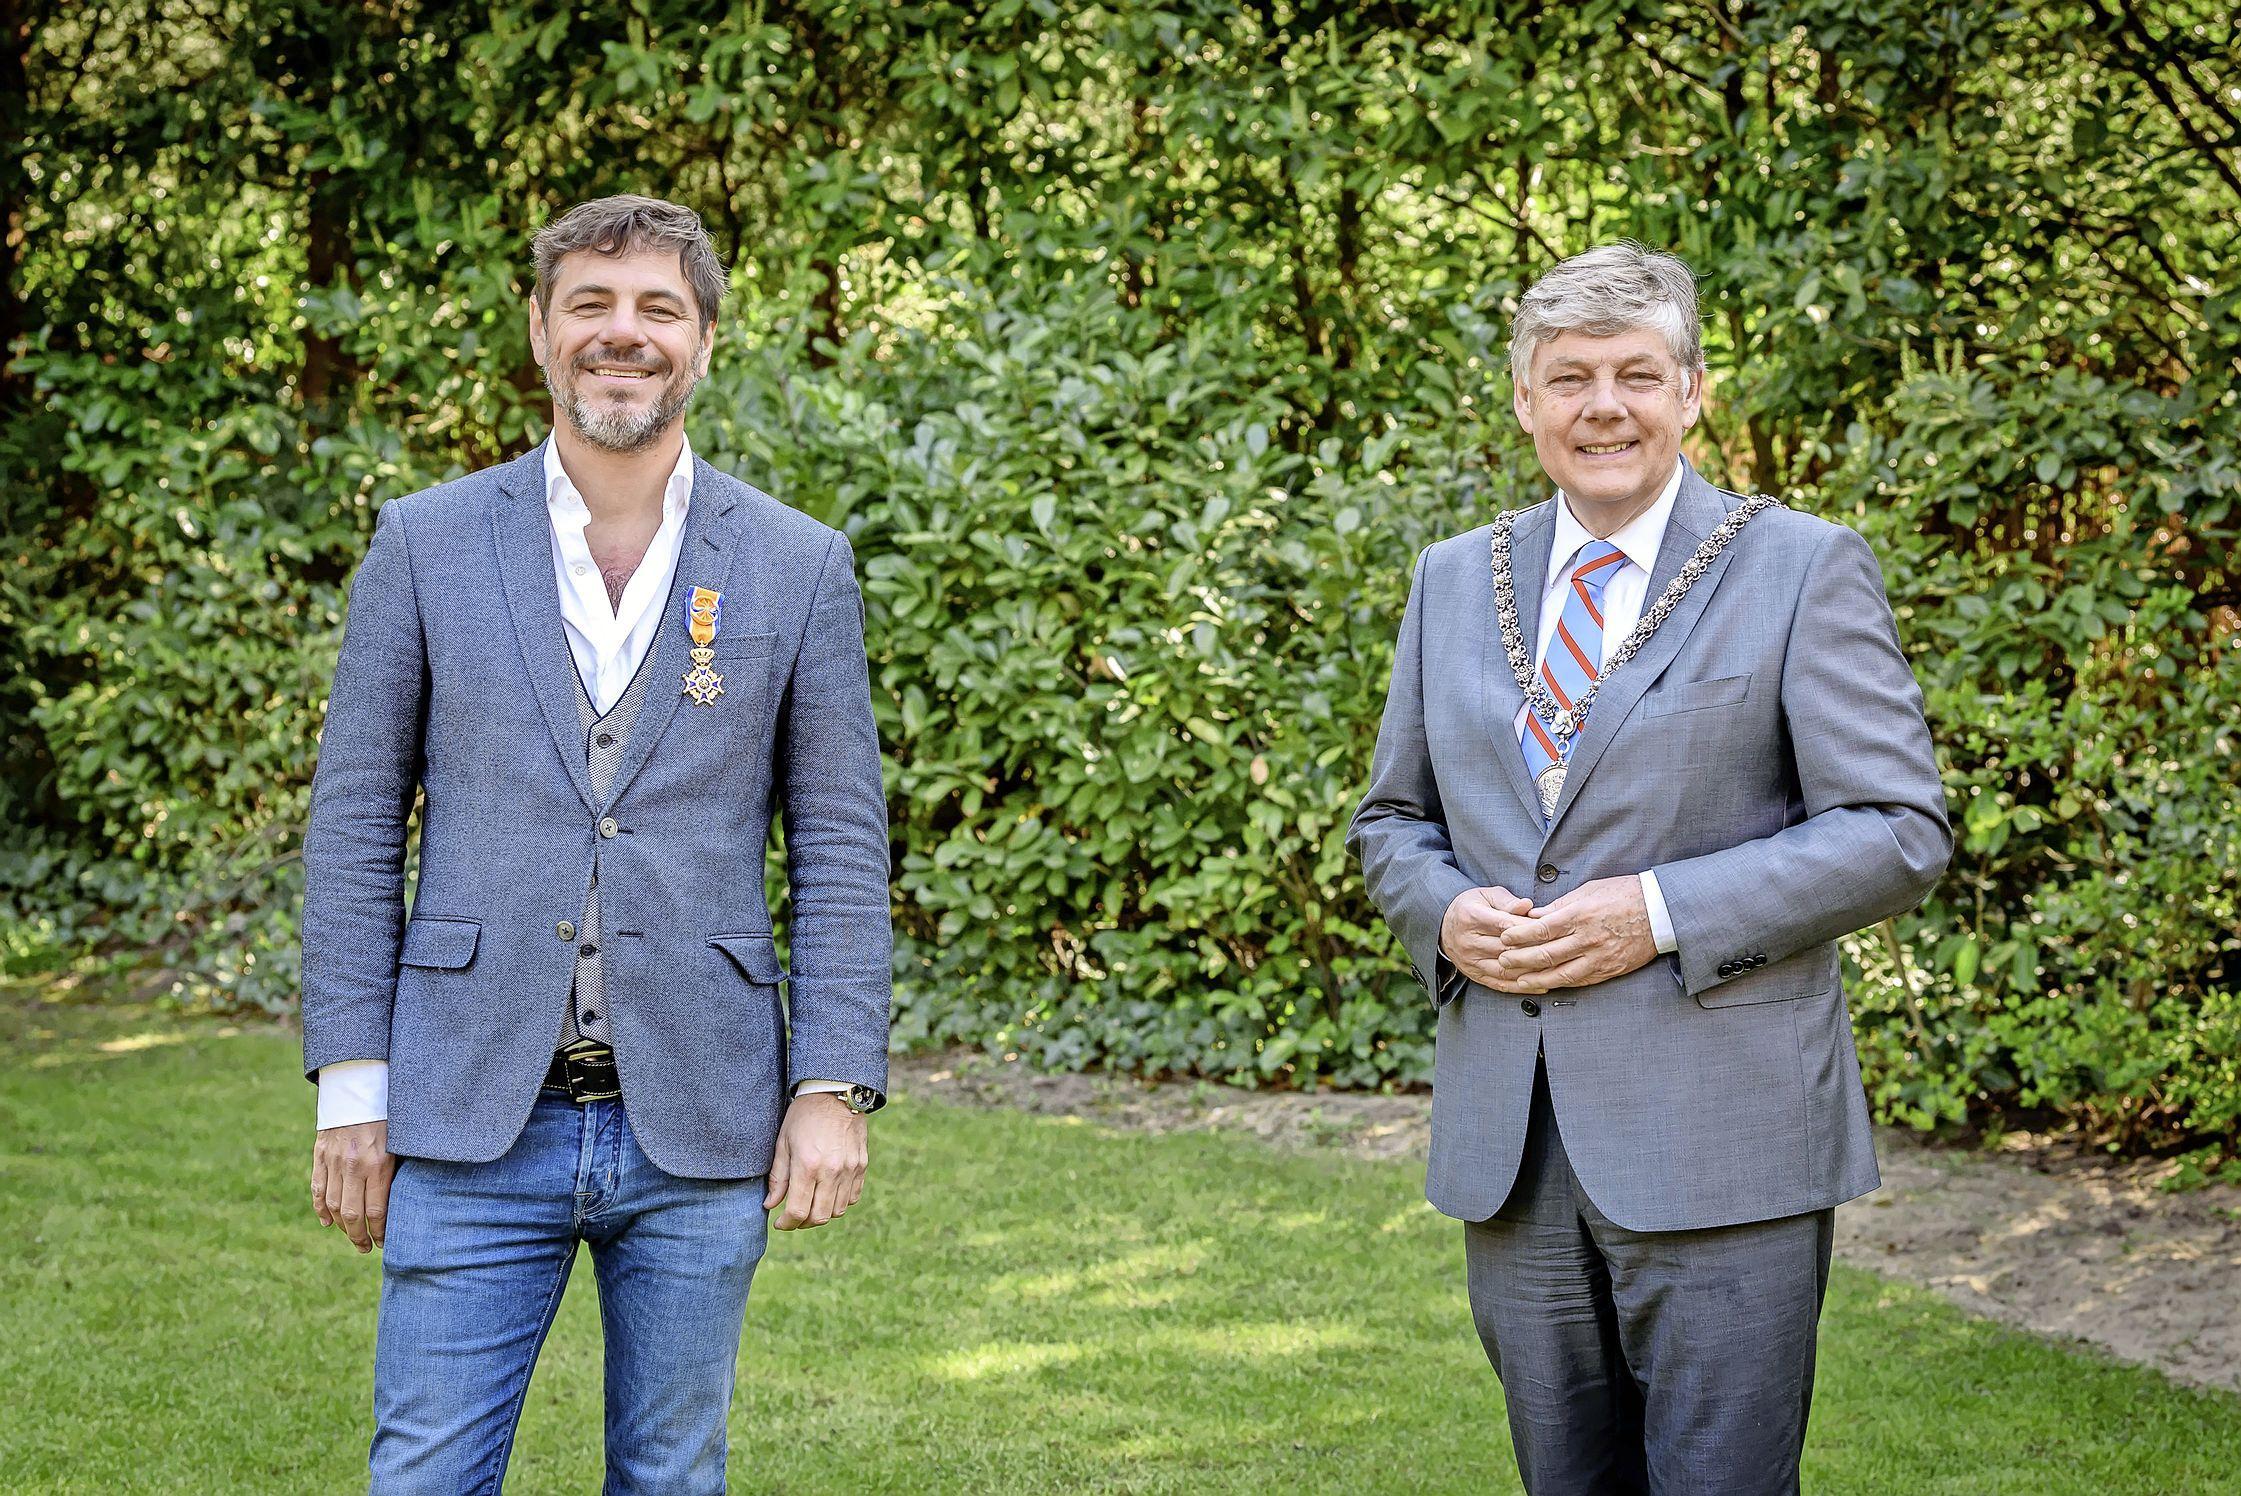 Aerdenhouter Maarten de Gruyter geridderd in de Orde van Oranje-Nassau voor strijd tegen diabetes